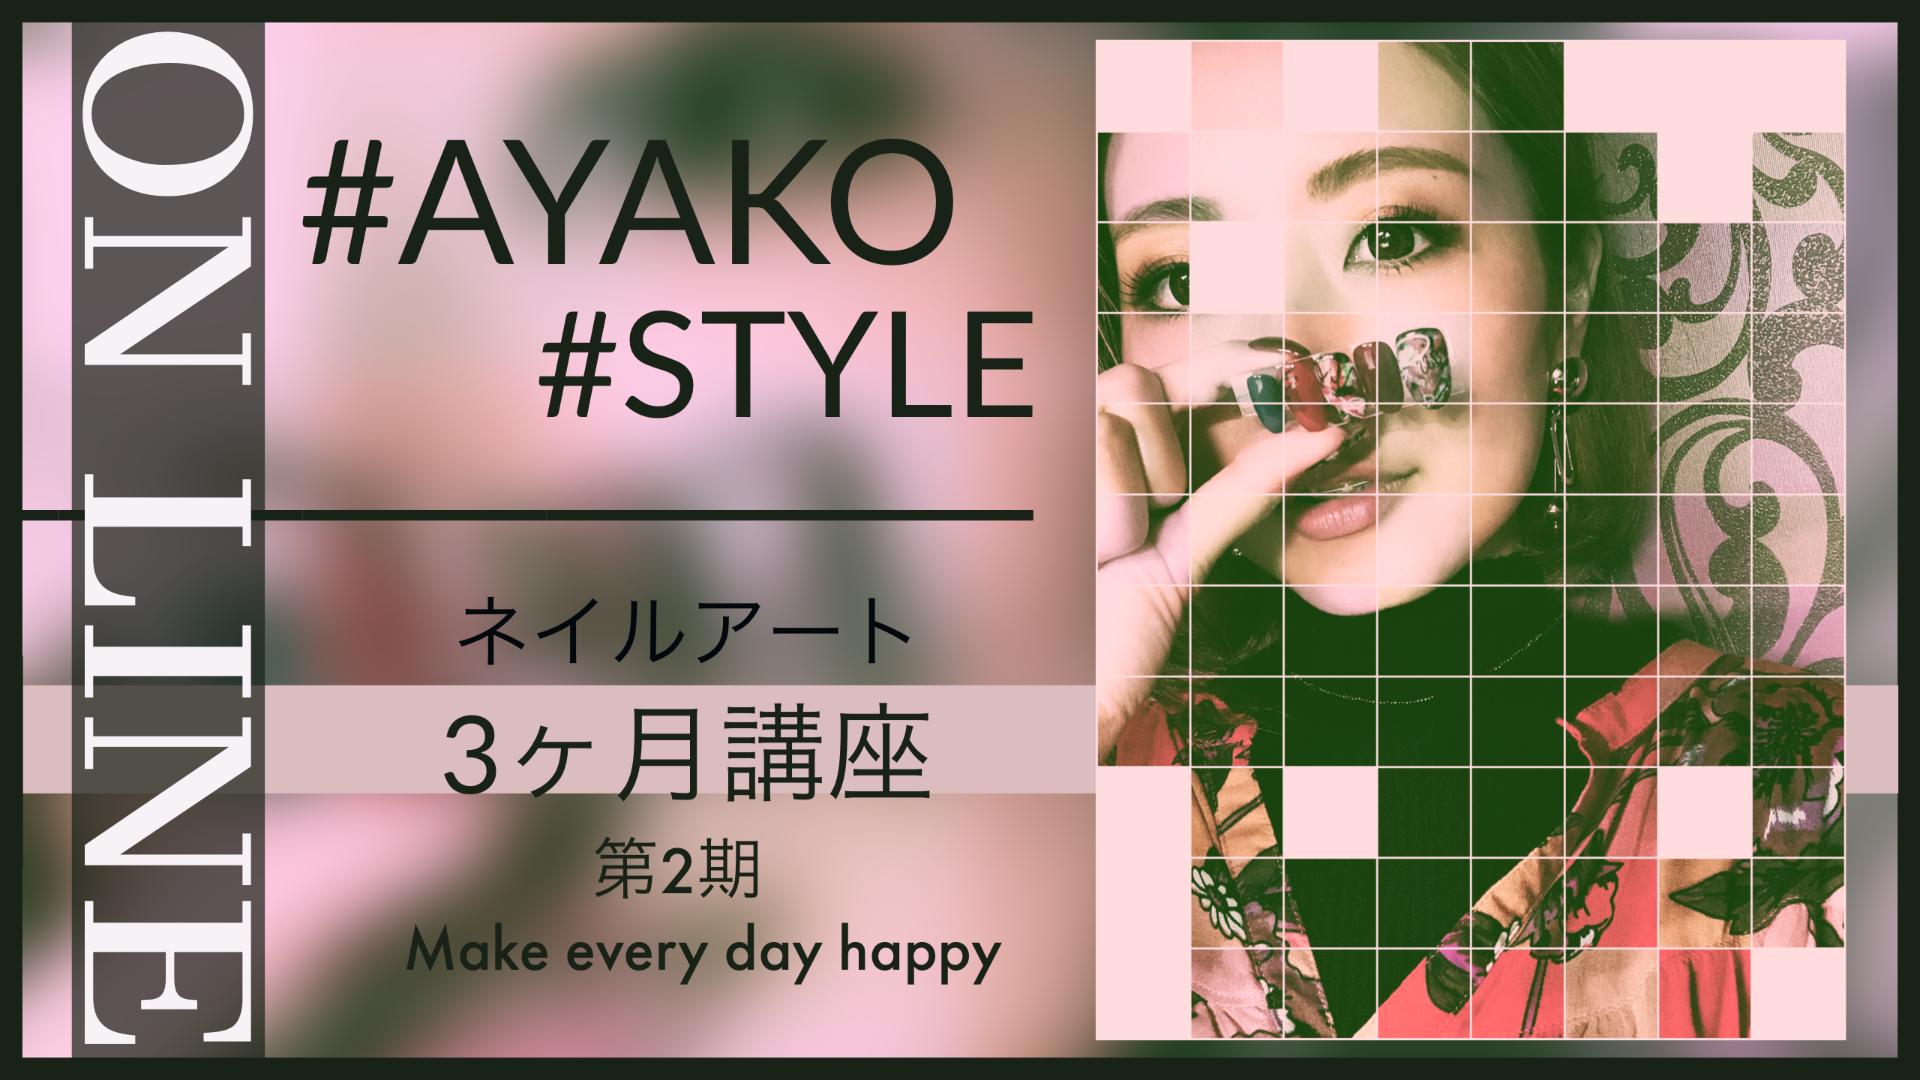 【第2期】 AYAKO styleで学べる!ネイルアート3ヶ月講座